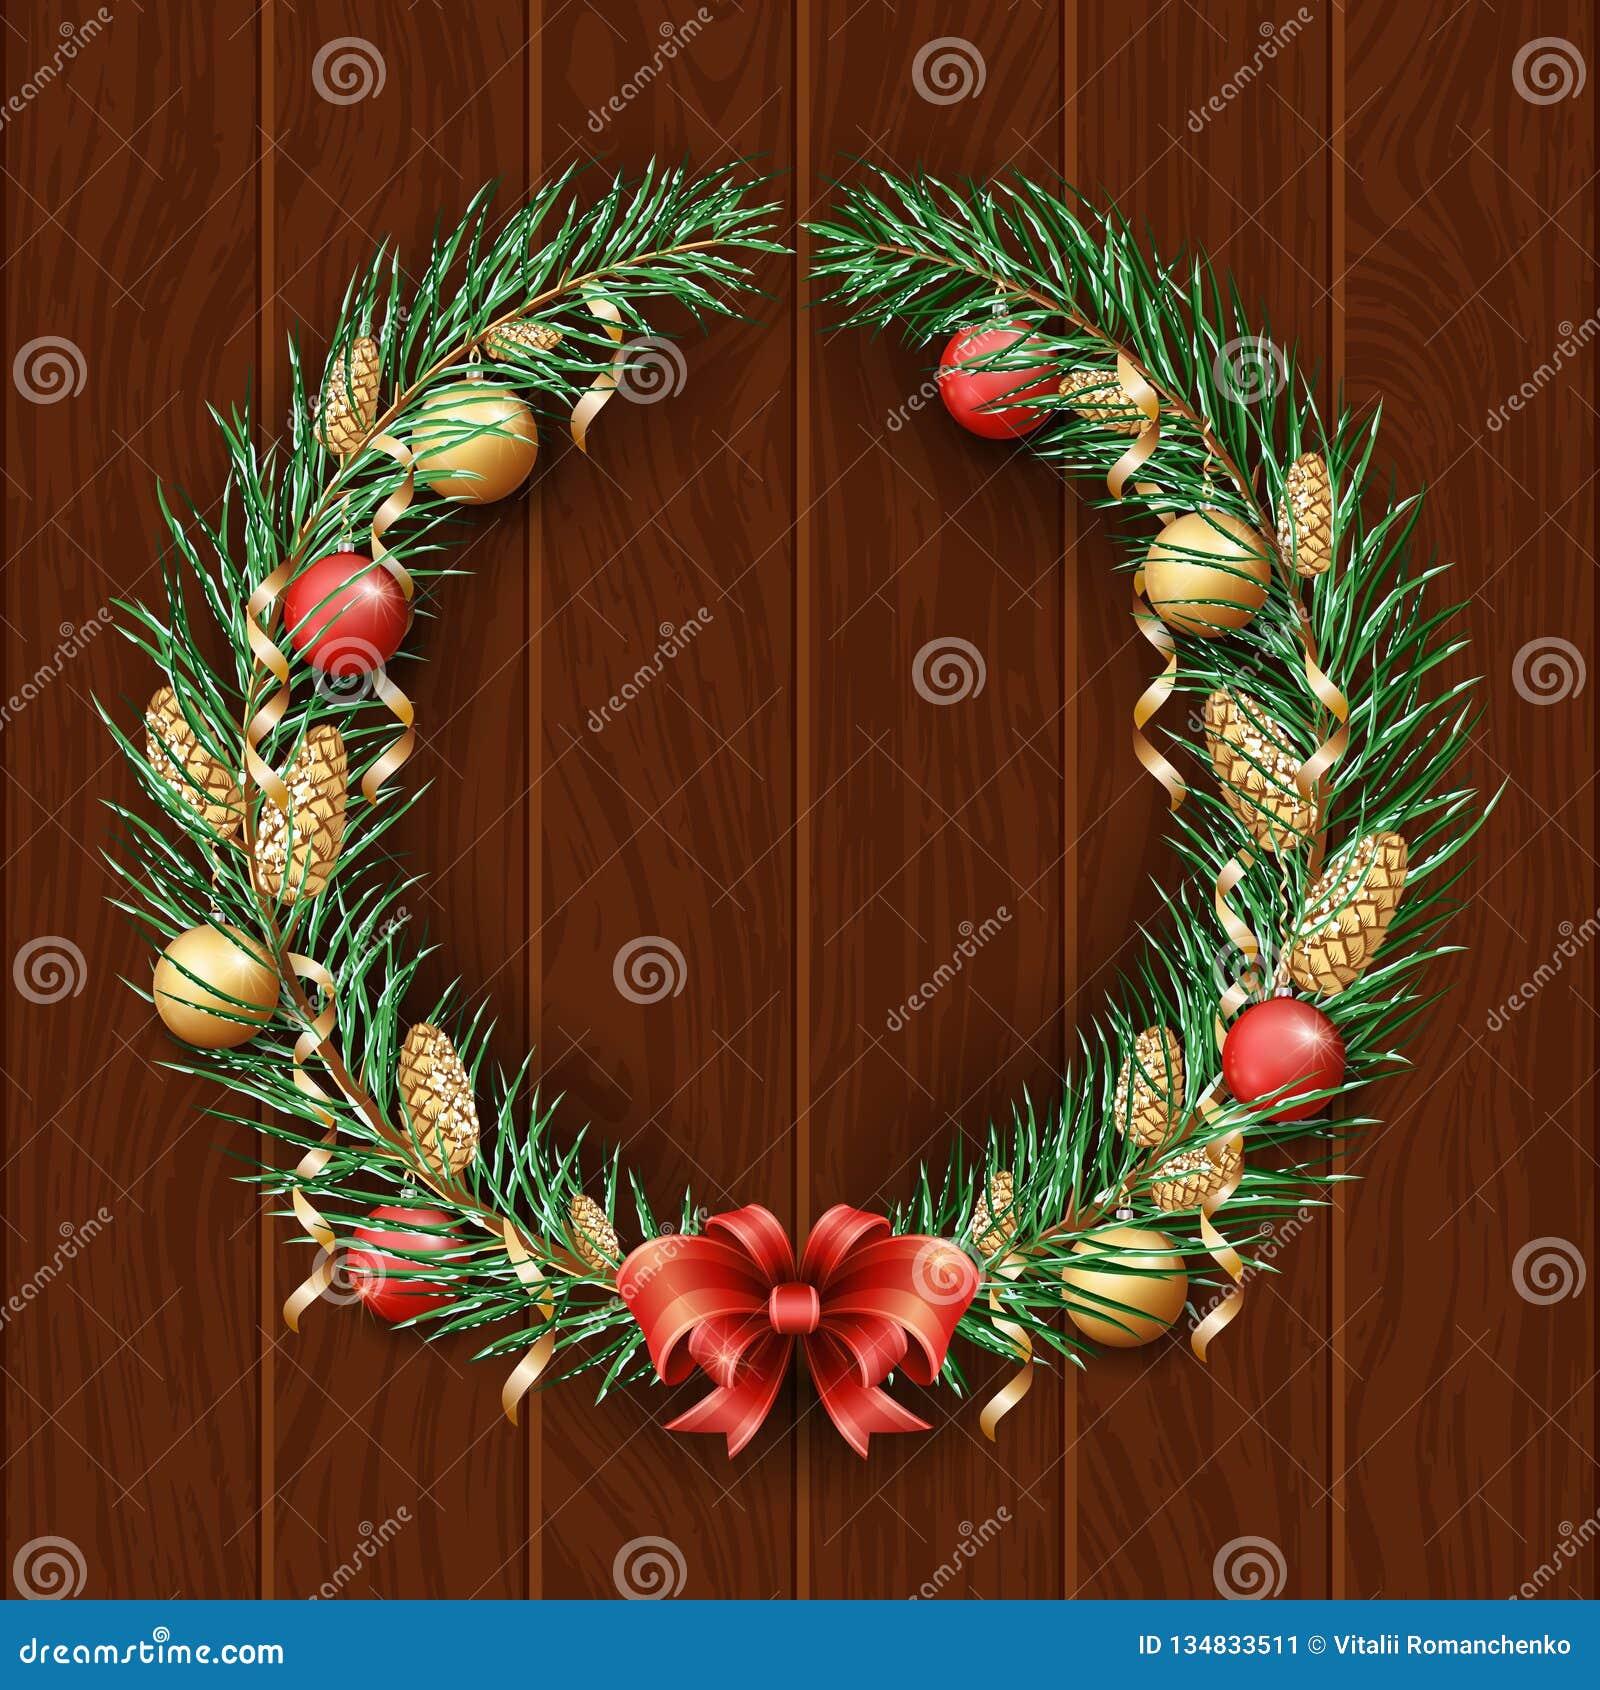 Frontera de la guirnalda de la Navidad Capítulo del pino verde Feliz Navidad y Feliz Año Nuevo 2019 Ramas de un árbol de navidad